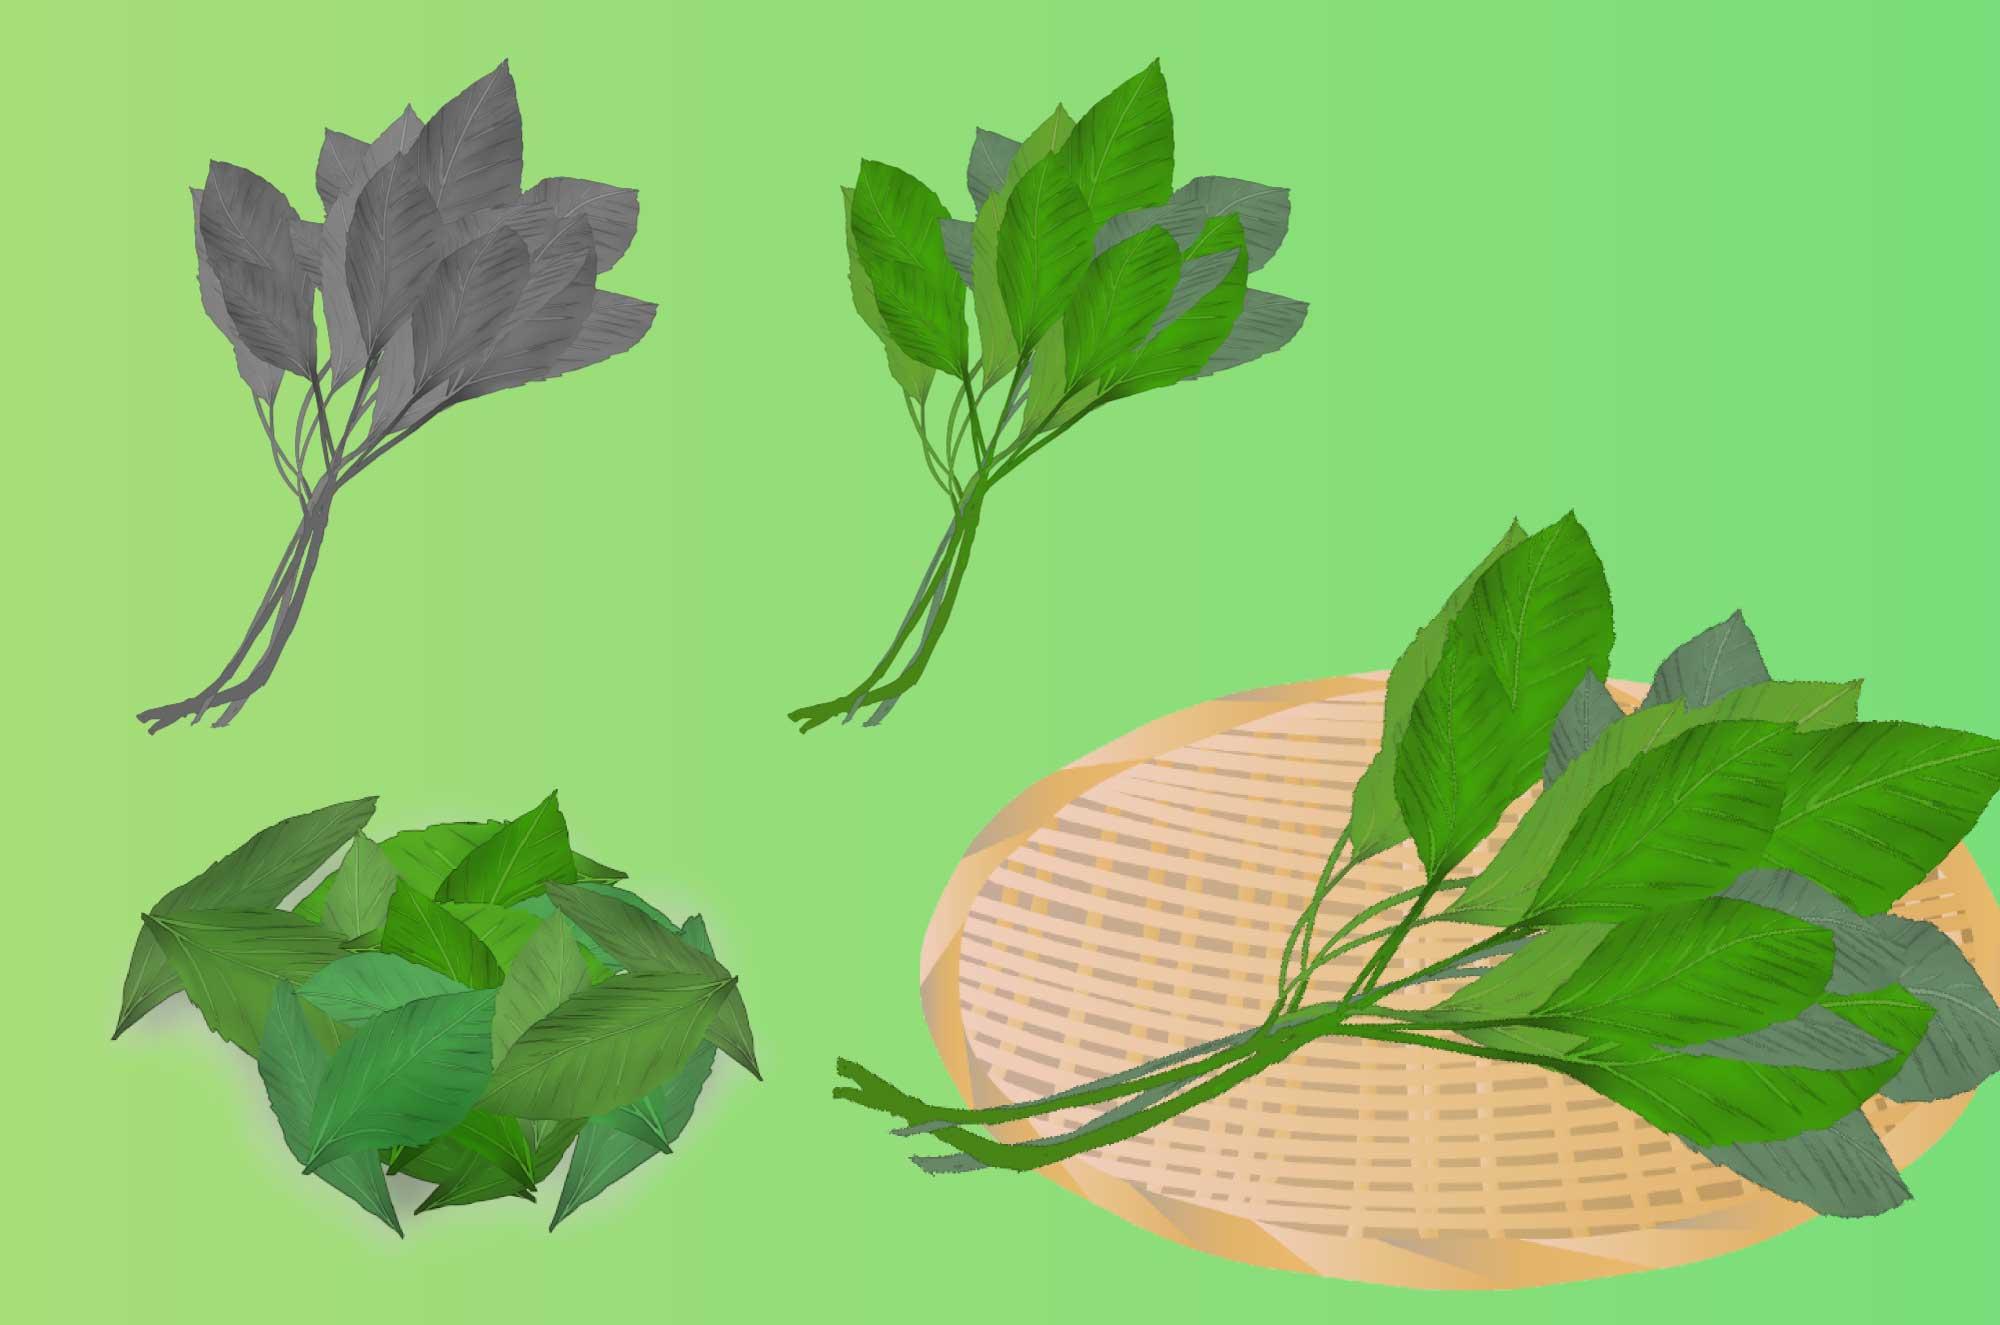 モロヘイヤのイラスト - 無料の手書きの野菜素材